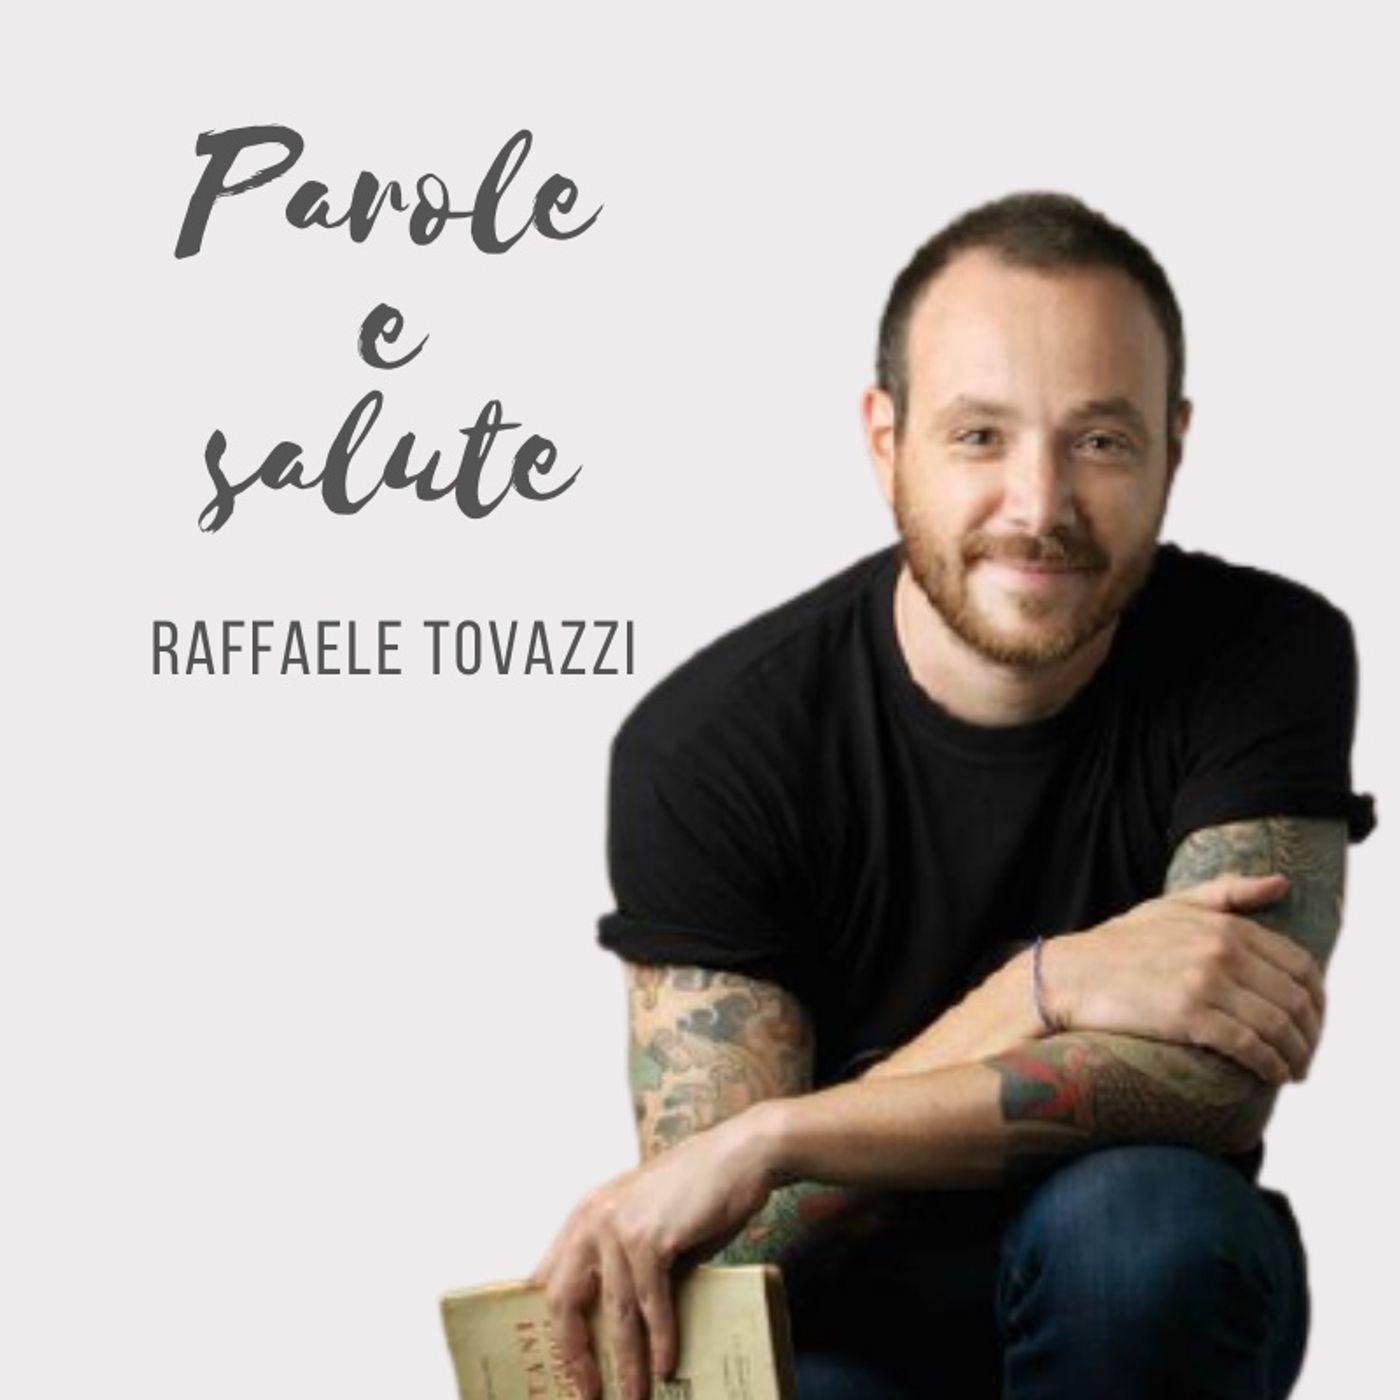 PNL in azione: calibrazione, rapport, ricalco e guida - con Raffaele Tovazzi [diretta live]